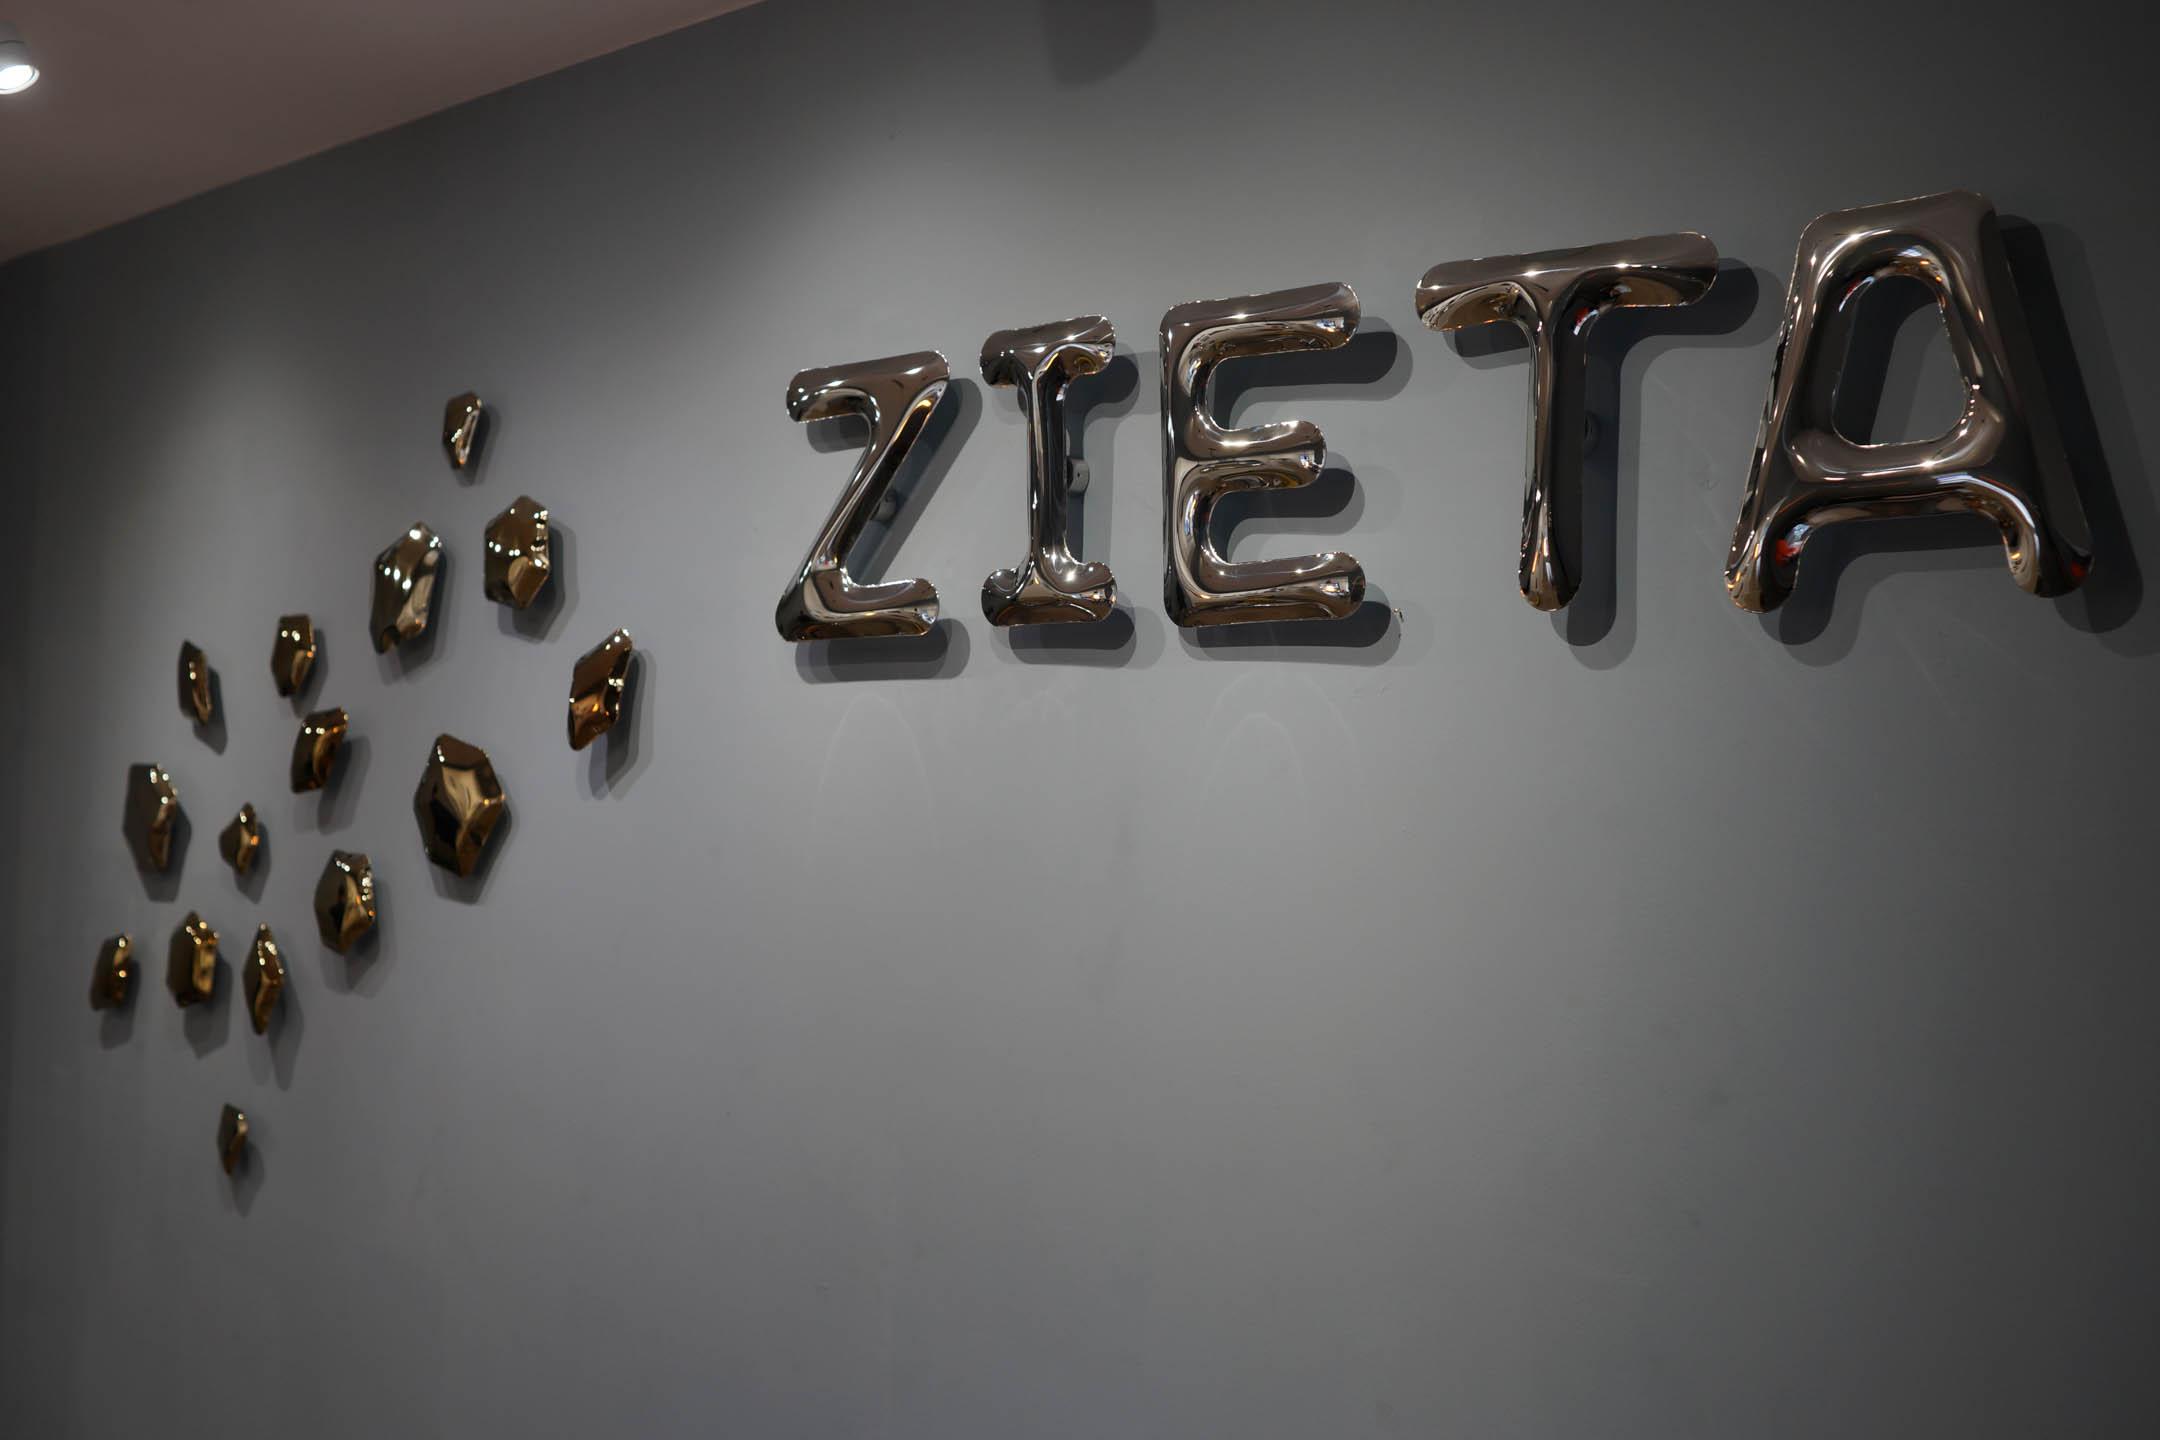 Zieta_LDF_Arthill_Gallery-33.jpg